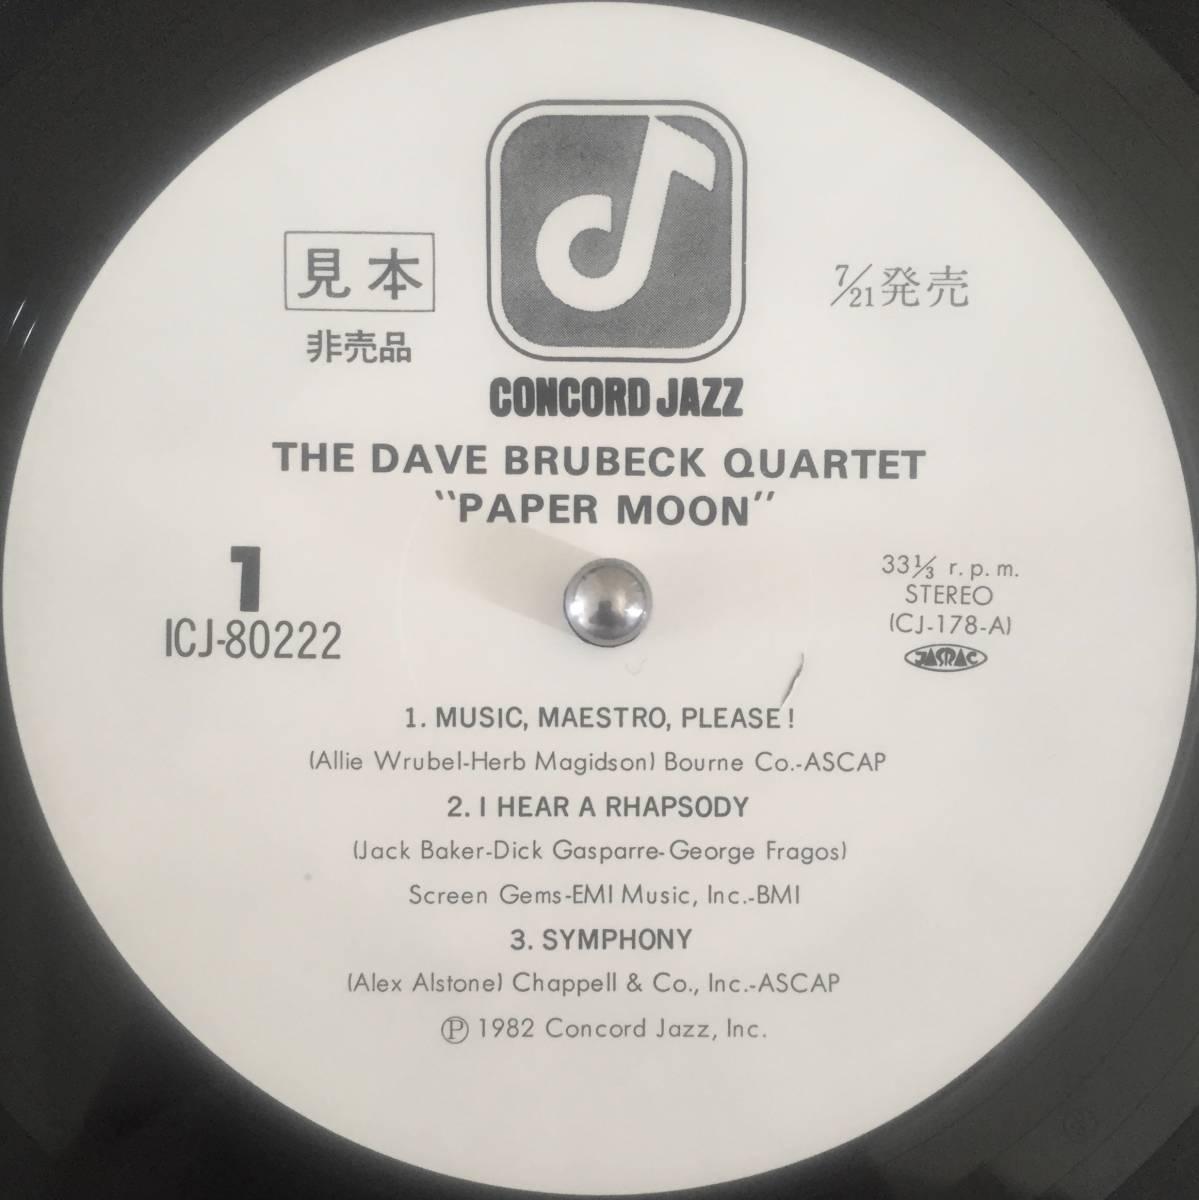 帯付き 極美盤 見本盤 The Dave Brubeck Quartet Paper Moon 白ラベル 非売品 PROMO インサート完備 JAZZ RARE GROOVE ジャズ LP レア 国内_画像5